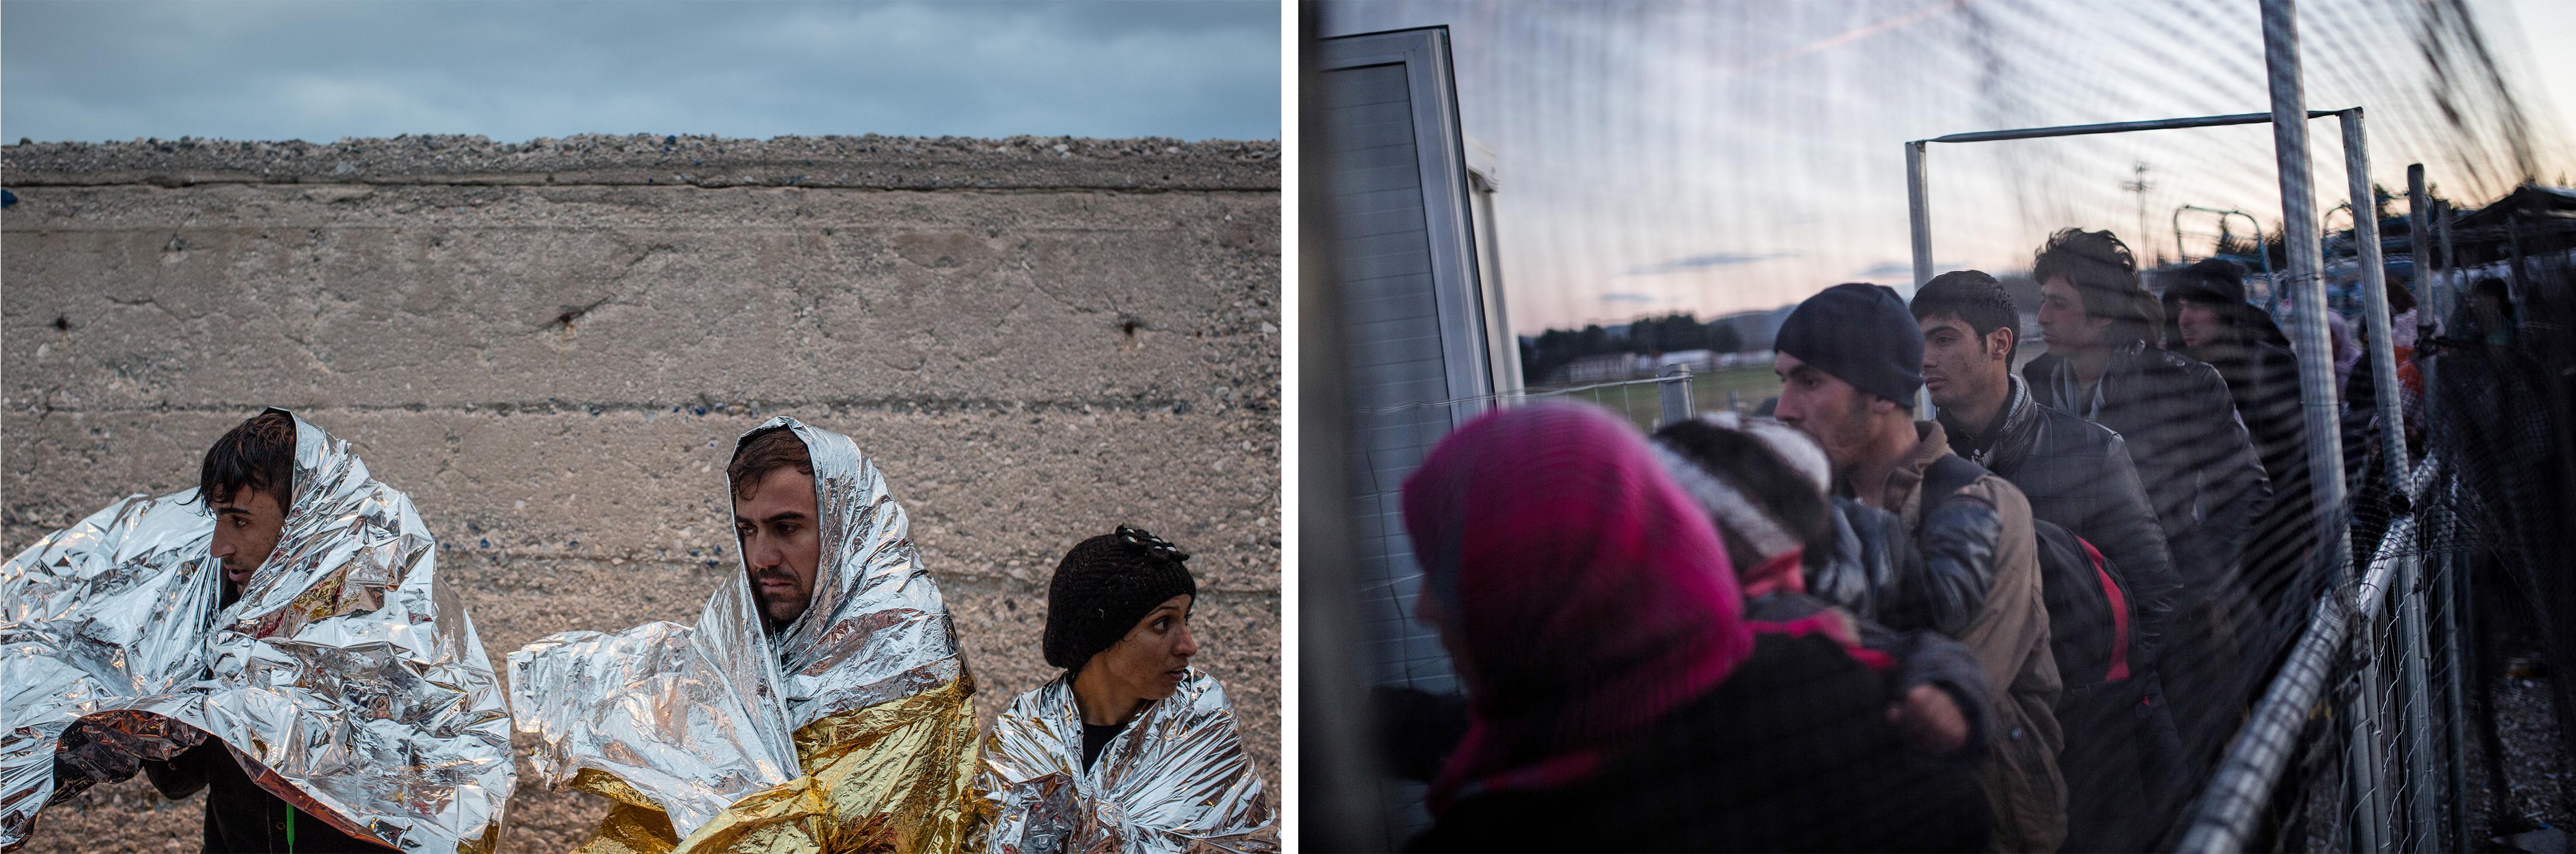 (gauche)Des personnes viennent d'être secourues au large de l'île de Lesbos, décembre 2015. (droite)Des demandeurs d'asile arrivent au camp de transit d'Idomeni, janvier 2016. ©Will Rose,Konstantinos Tsakalidis/SOOC